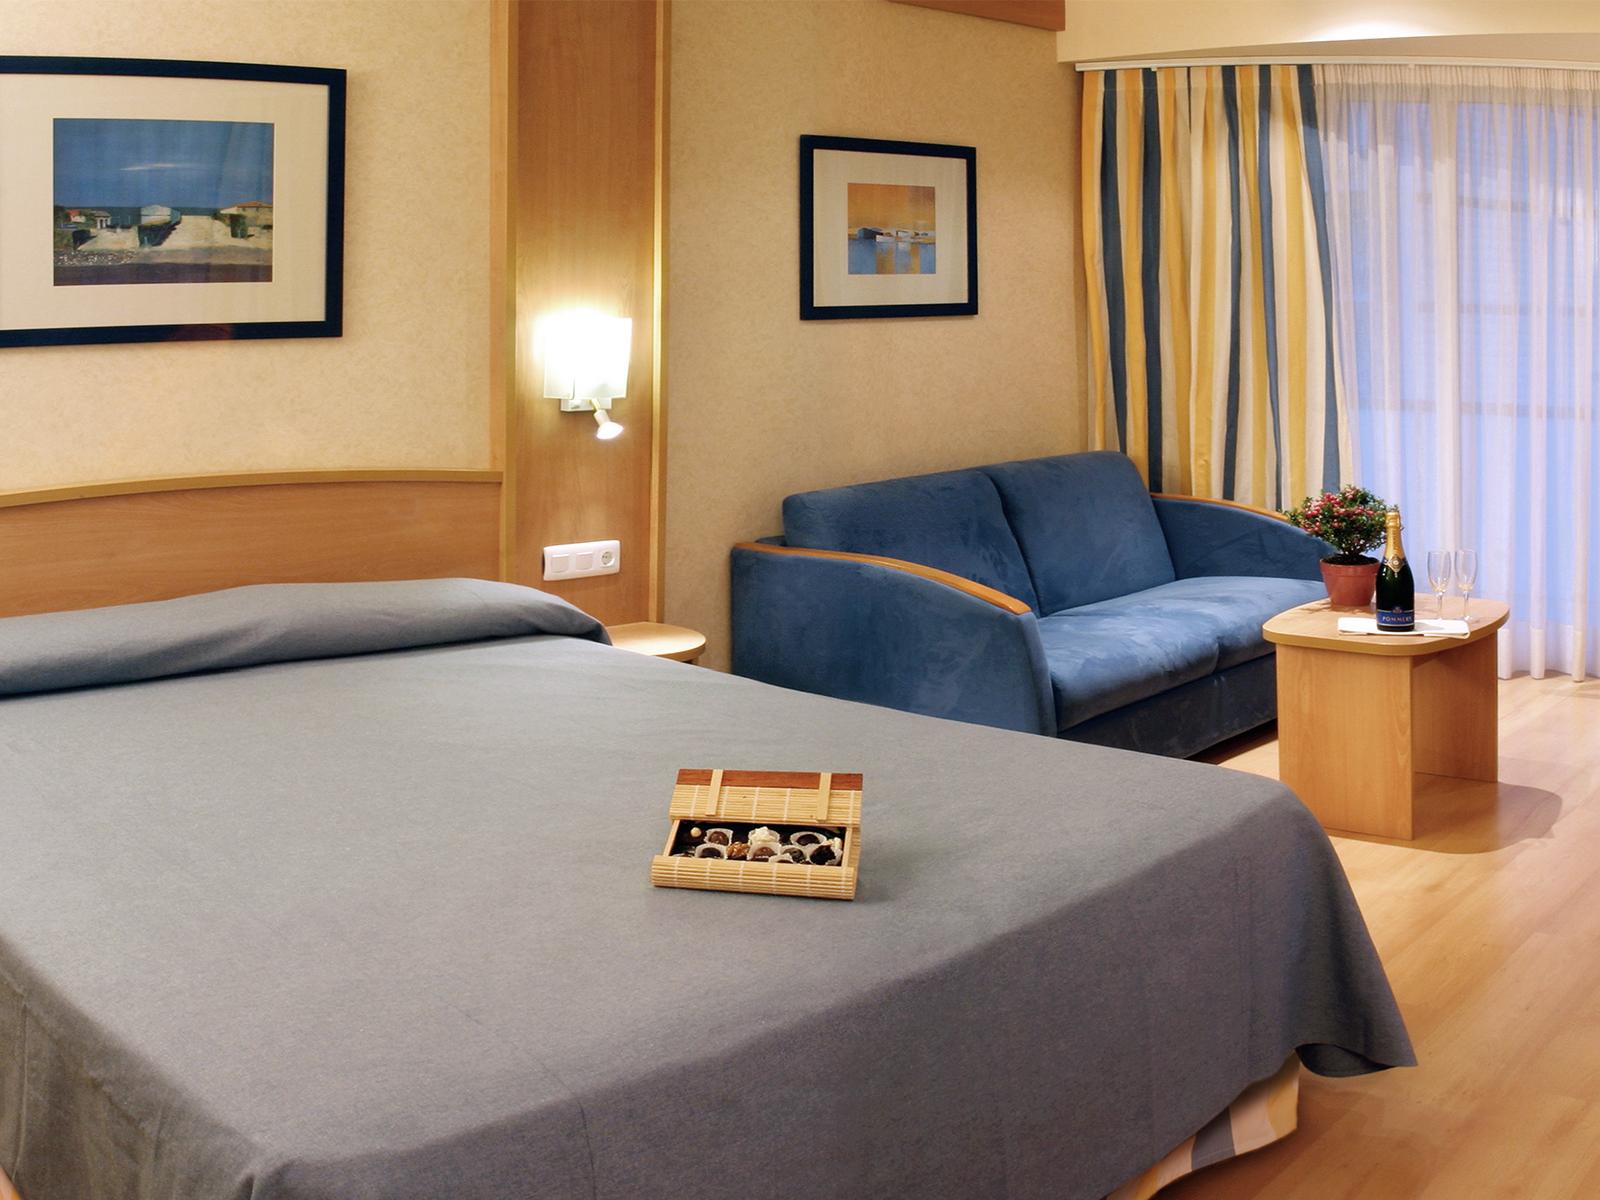 Puente de la diada del 09 09 al 11 09 hotel guitart for Habitacion completa para adultos barata